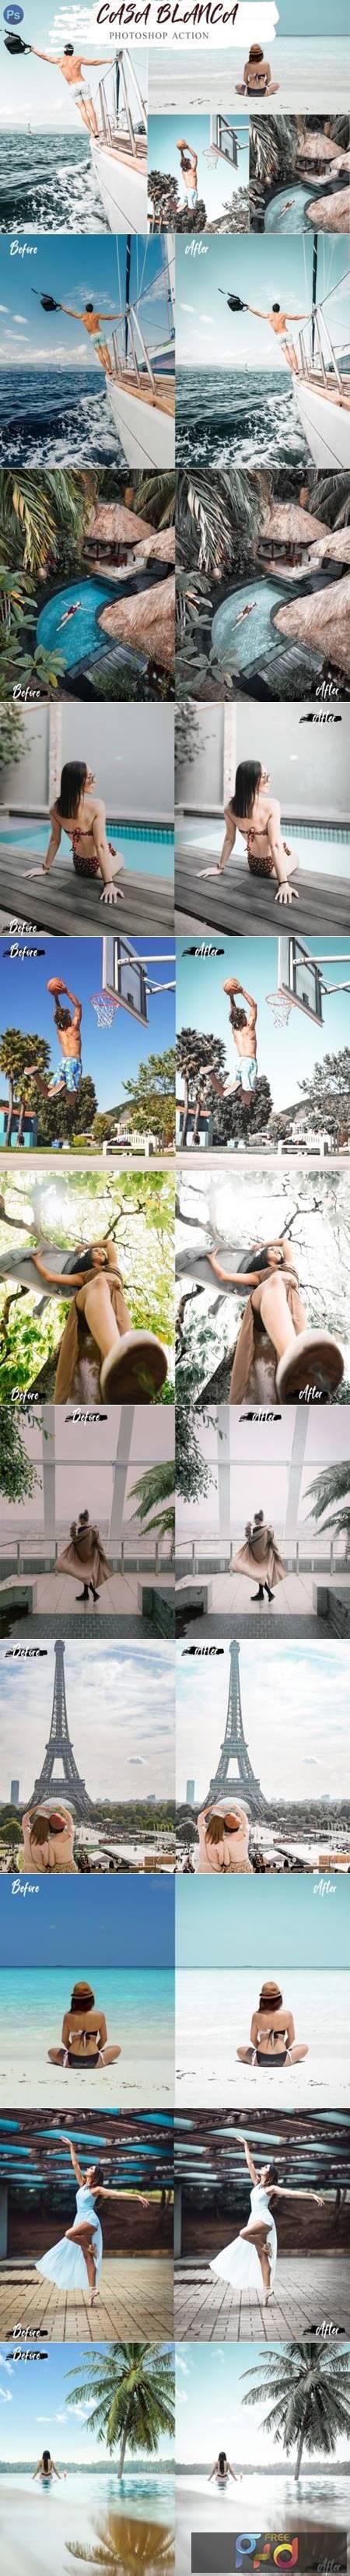 6 Photoshop Action Presets Casablanca 3956839 1